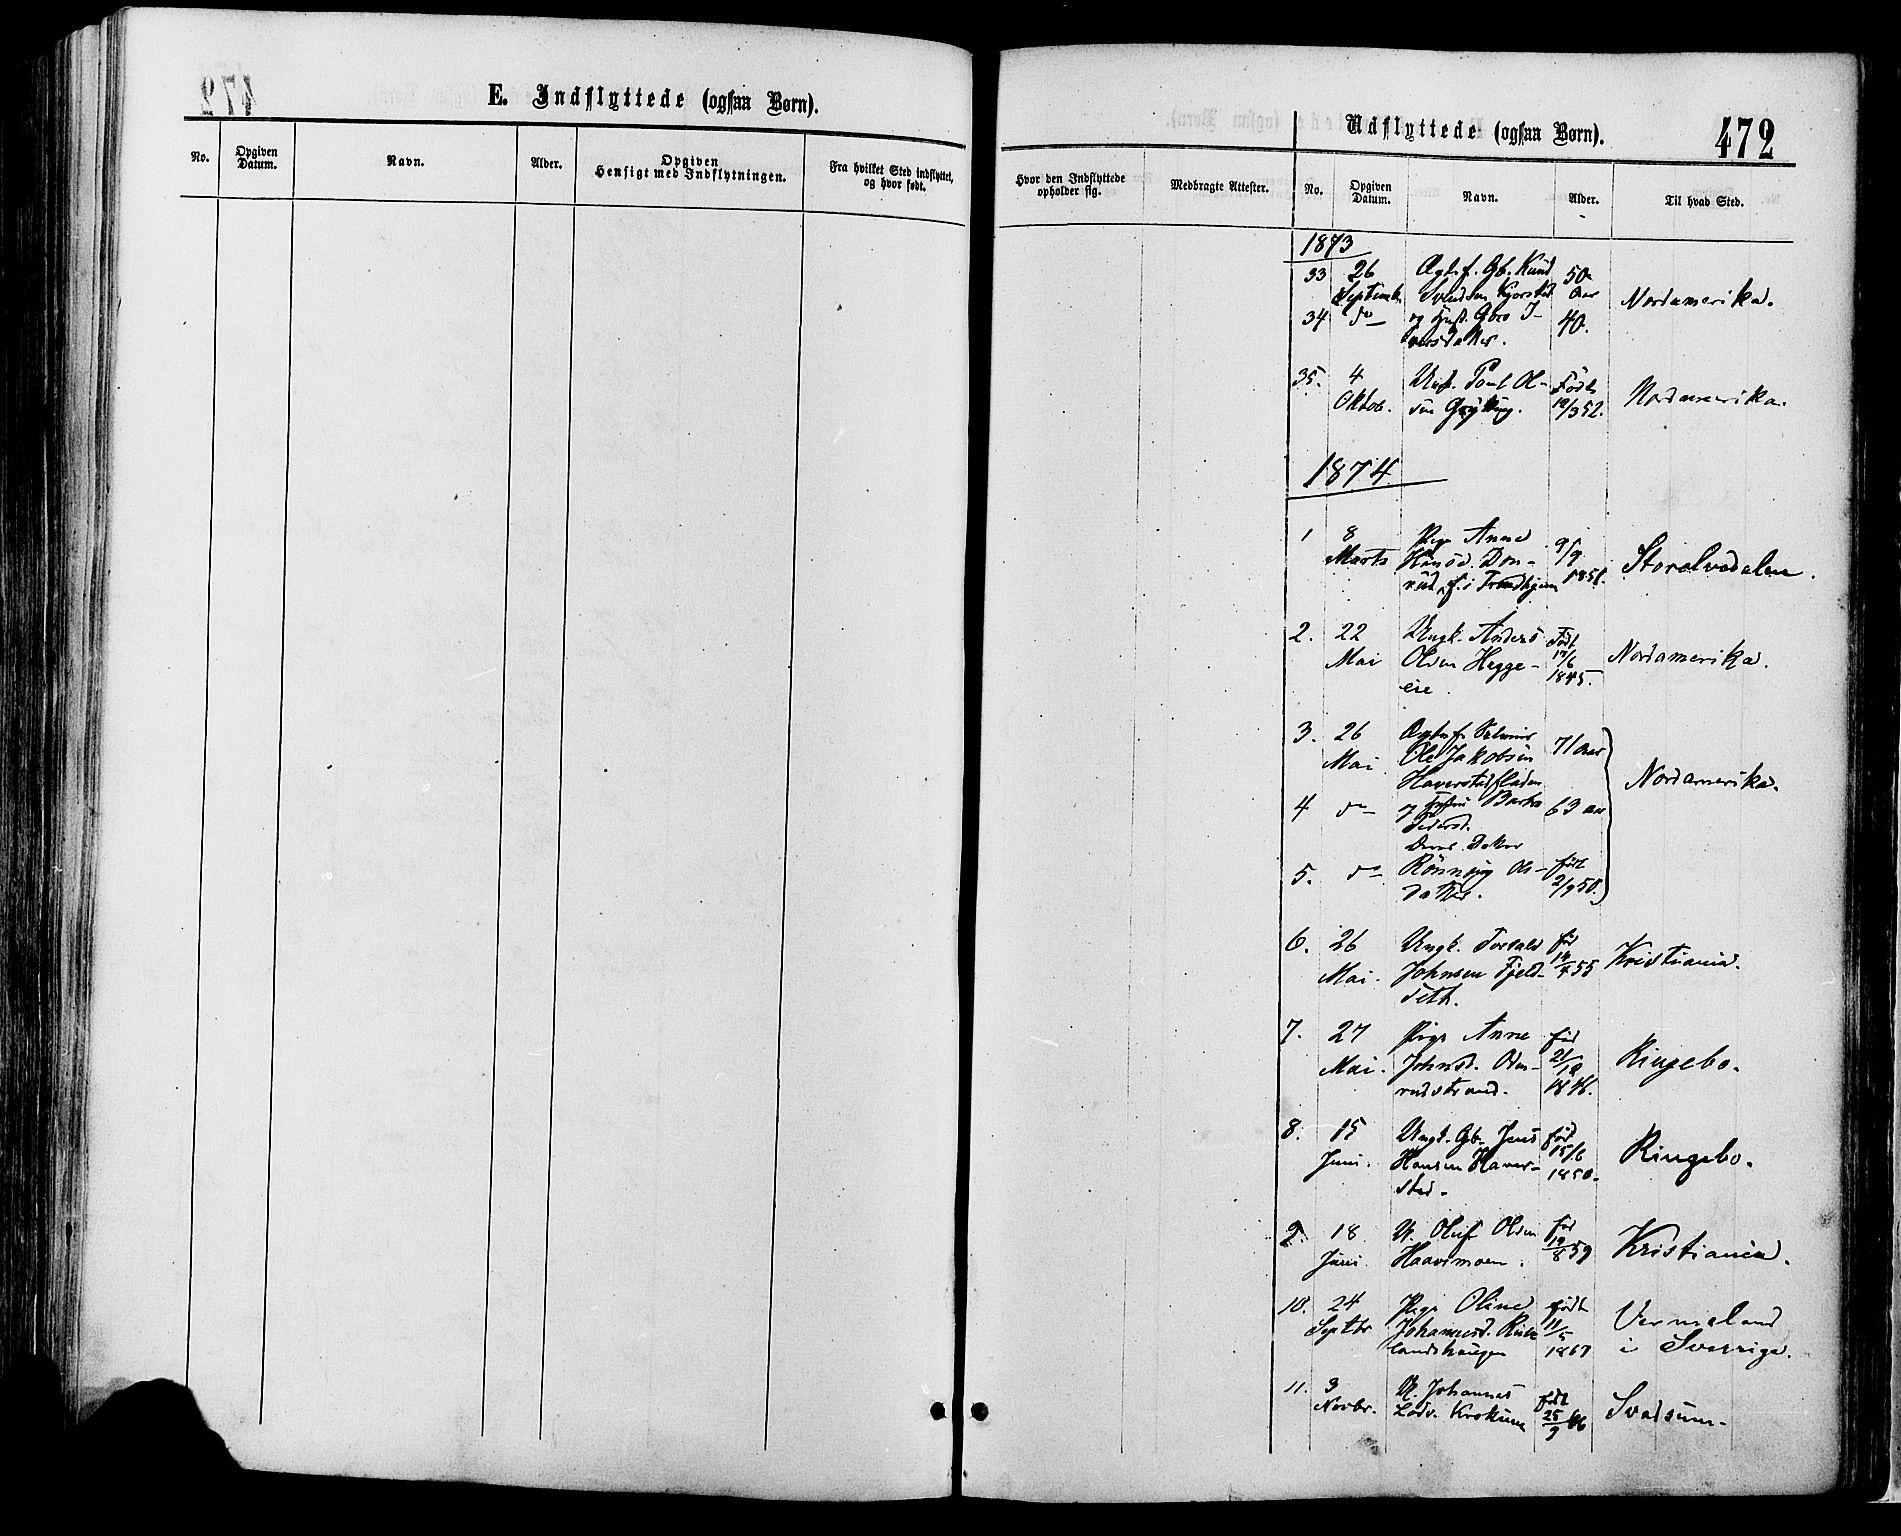 SAH, Sør-Fron prestekontor, H/Ha/Haa/L0002: Ministerialbok nr. 2, 1864-1880, s. 472